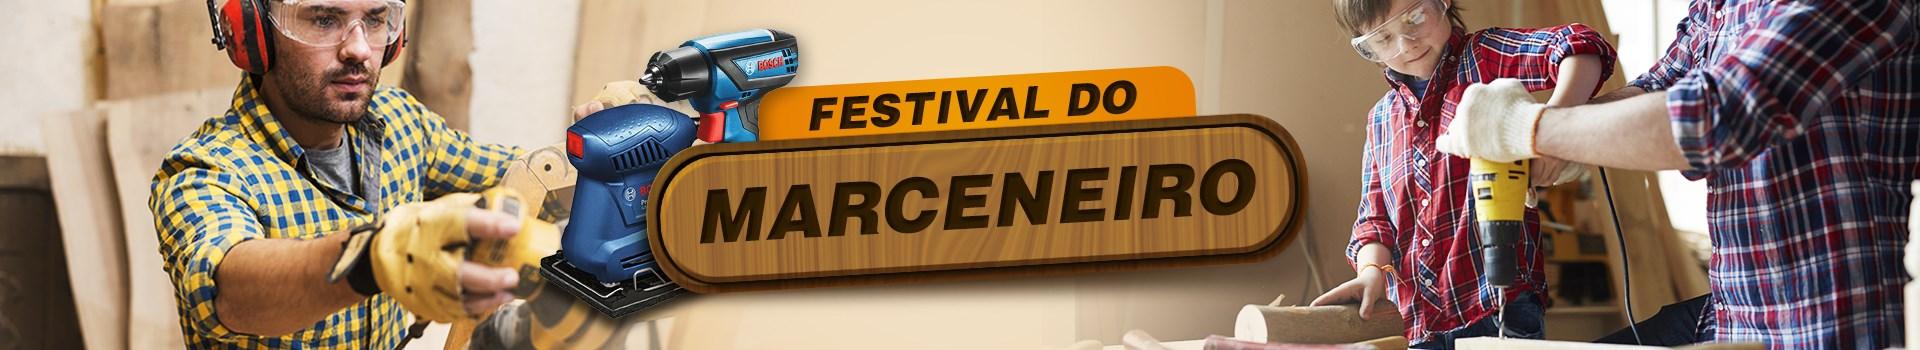 Festival do Marceneiro